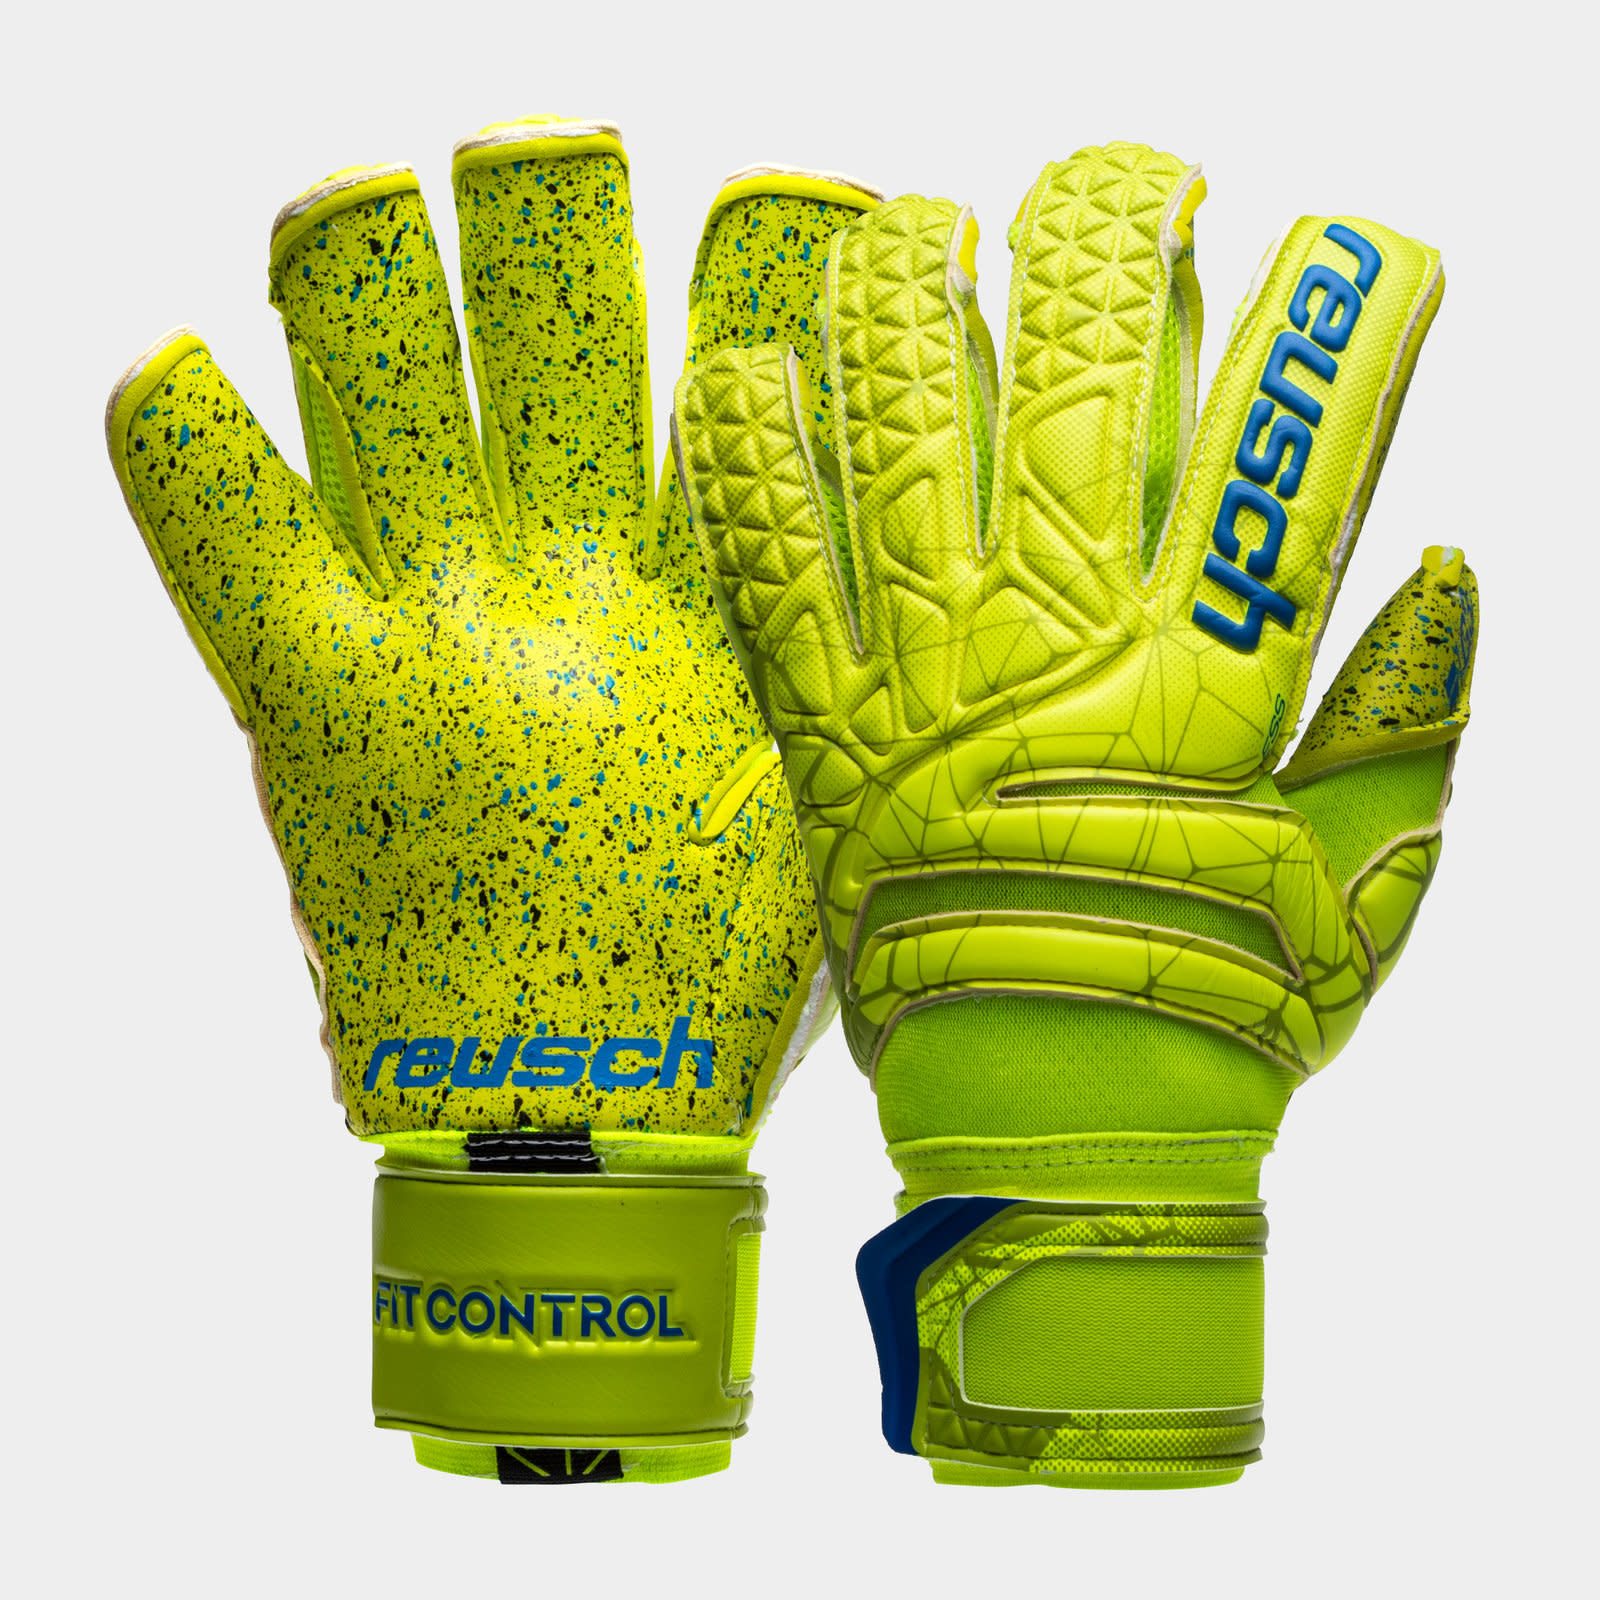 Reusch Fit Control G3 Fusion Evolution Goalkeeper Gloves